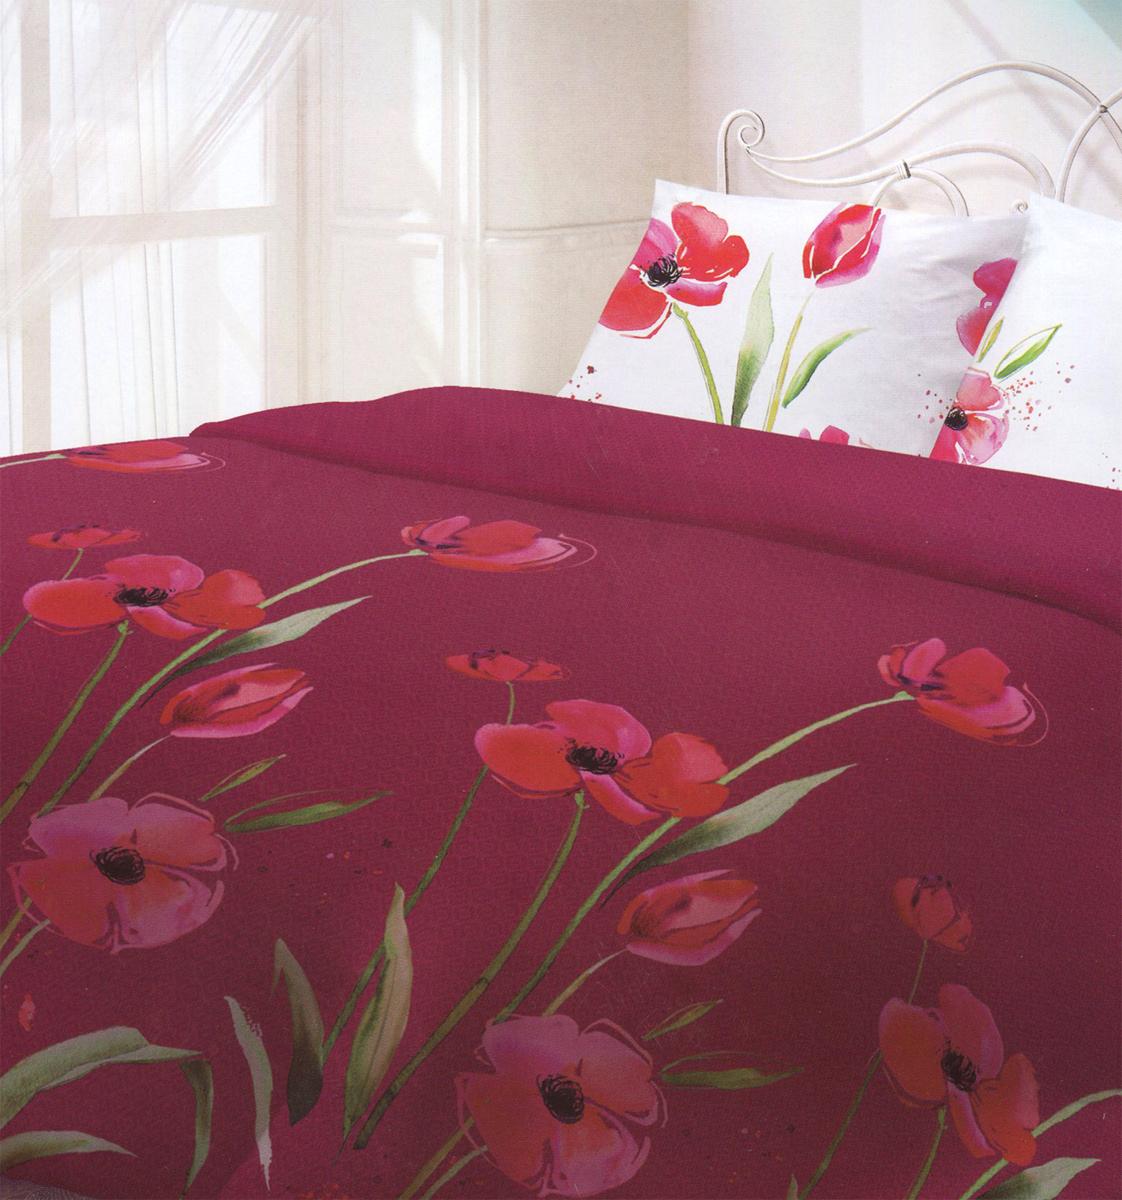 Комплект белья Гармония Маки, евро, наволочки 70x70, цвет: бордовый, белый, розовыйCA-3505Комплект постельного белья Гармония Маки является экологически безопасным, так как выполнен из поплина (100% хлопок). Комплект состоит из пододеяльника, простыни и двух наволочек. Постельное белье оформлено оригинальным рисунком и имеет изысканный внешний вид.Постельное белье Гармония - лучший выбор для современной хозяйки! Его отличают демократичная цена и отличное качество.Гармония производится из поплина - 100% хлопковой ткани. Поплин мягкий и приятный на ощупь. Кроме того, эта ткань не требует особого ухода, легко стирается и прекрасно держит форму. Высококачественные красители, которые используются при производстве постельного белья, экологичны и сохраняют свой цвет даже после многочисленных стирок.Благодаря высокому качеству ткани и европейским стандартам пошива постельное белье Гармония будет радовать вас долгие годы!